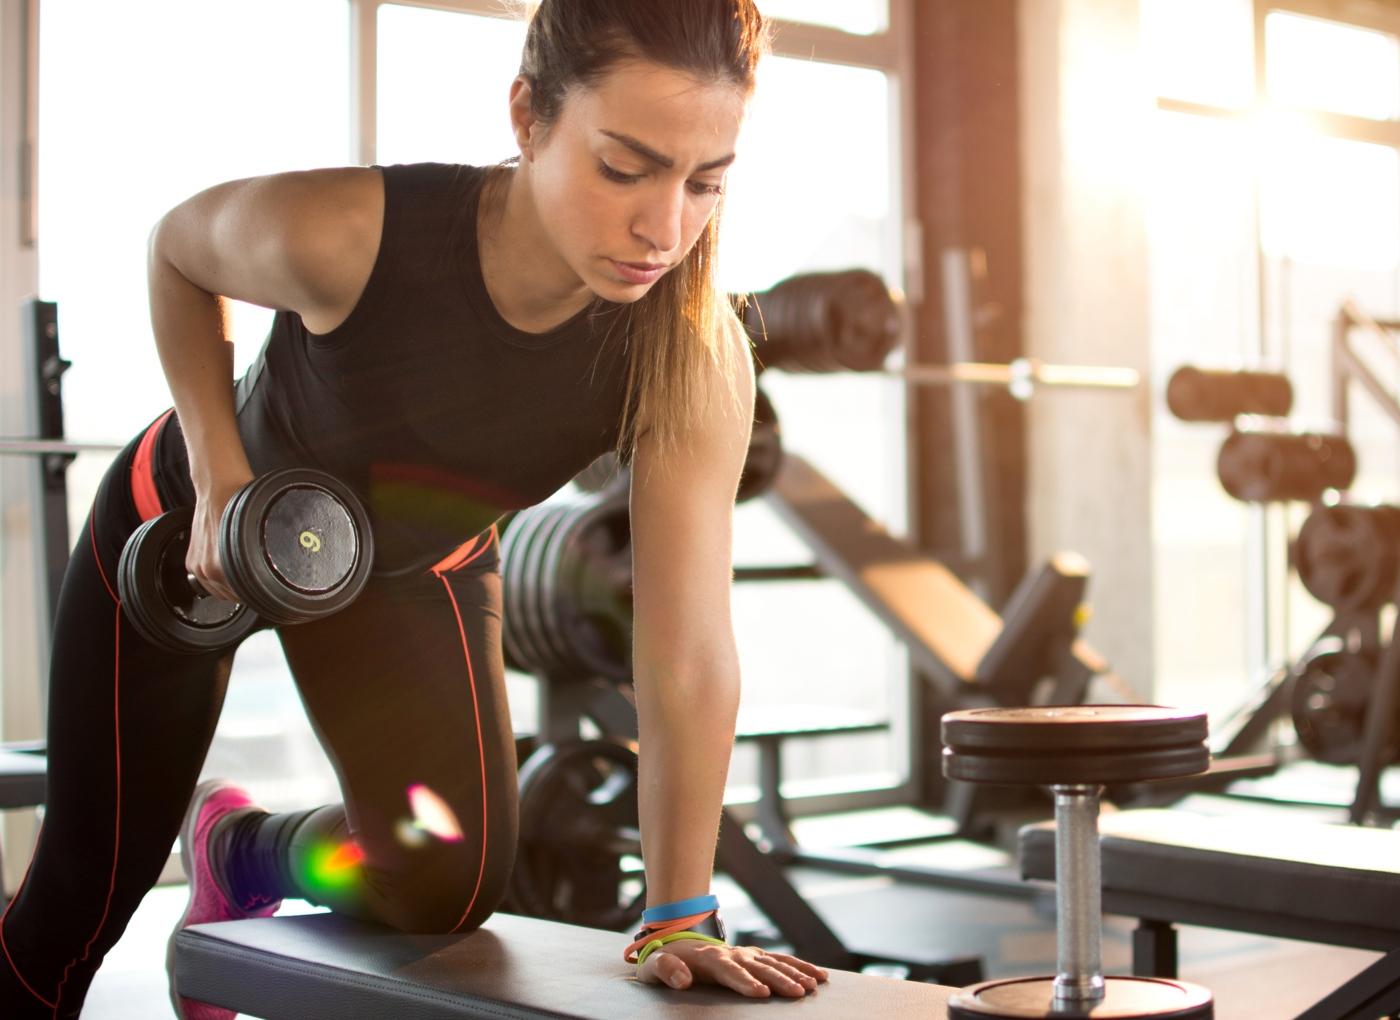 Treino de membros superiores: 5 exercícios para costas, peito e ombro